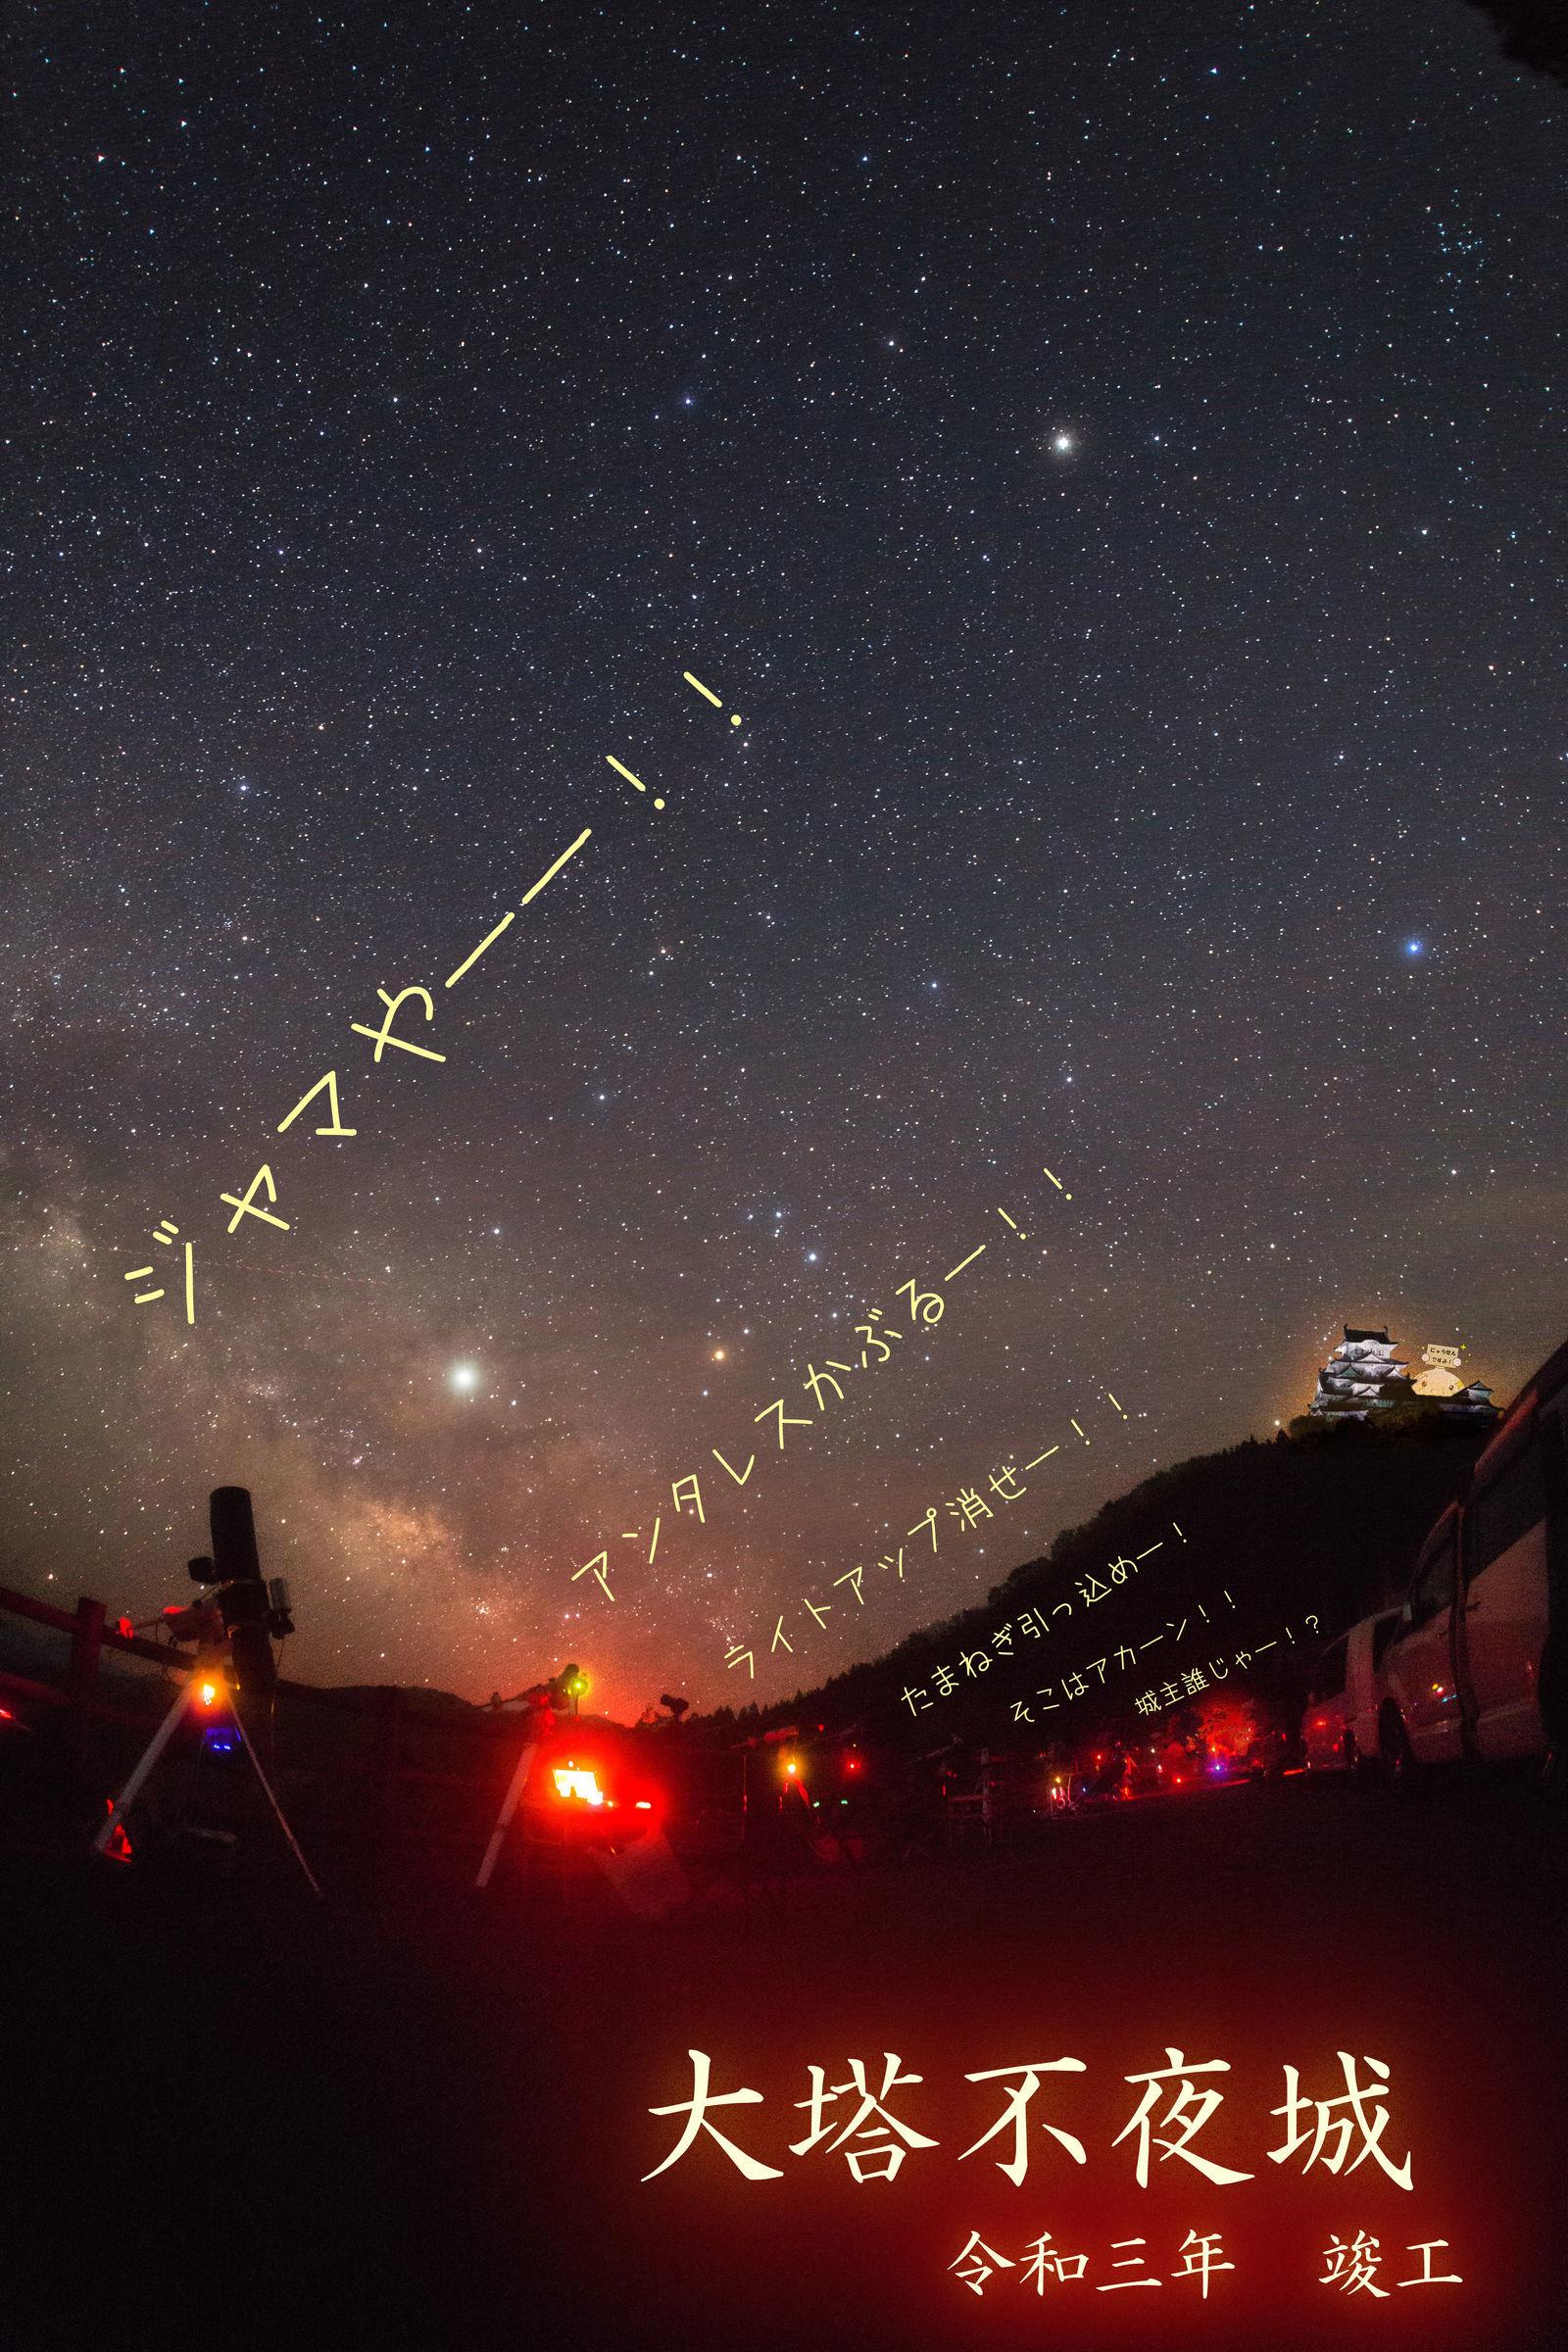 【悲報】関西の天体撮影聖地に大光害ライトアップ出現か!?∑(゚Д゚; )